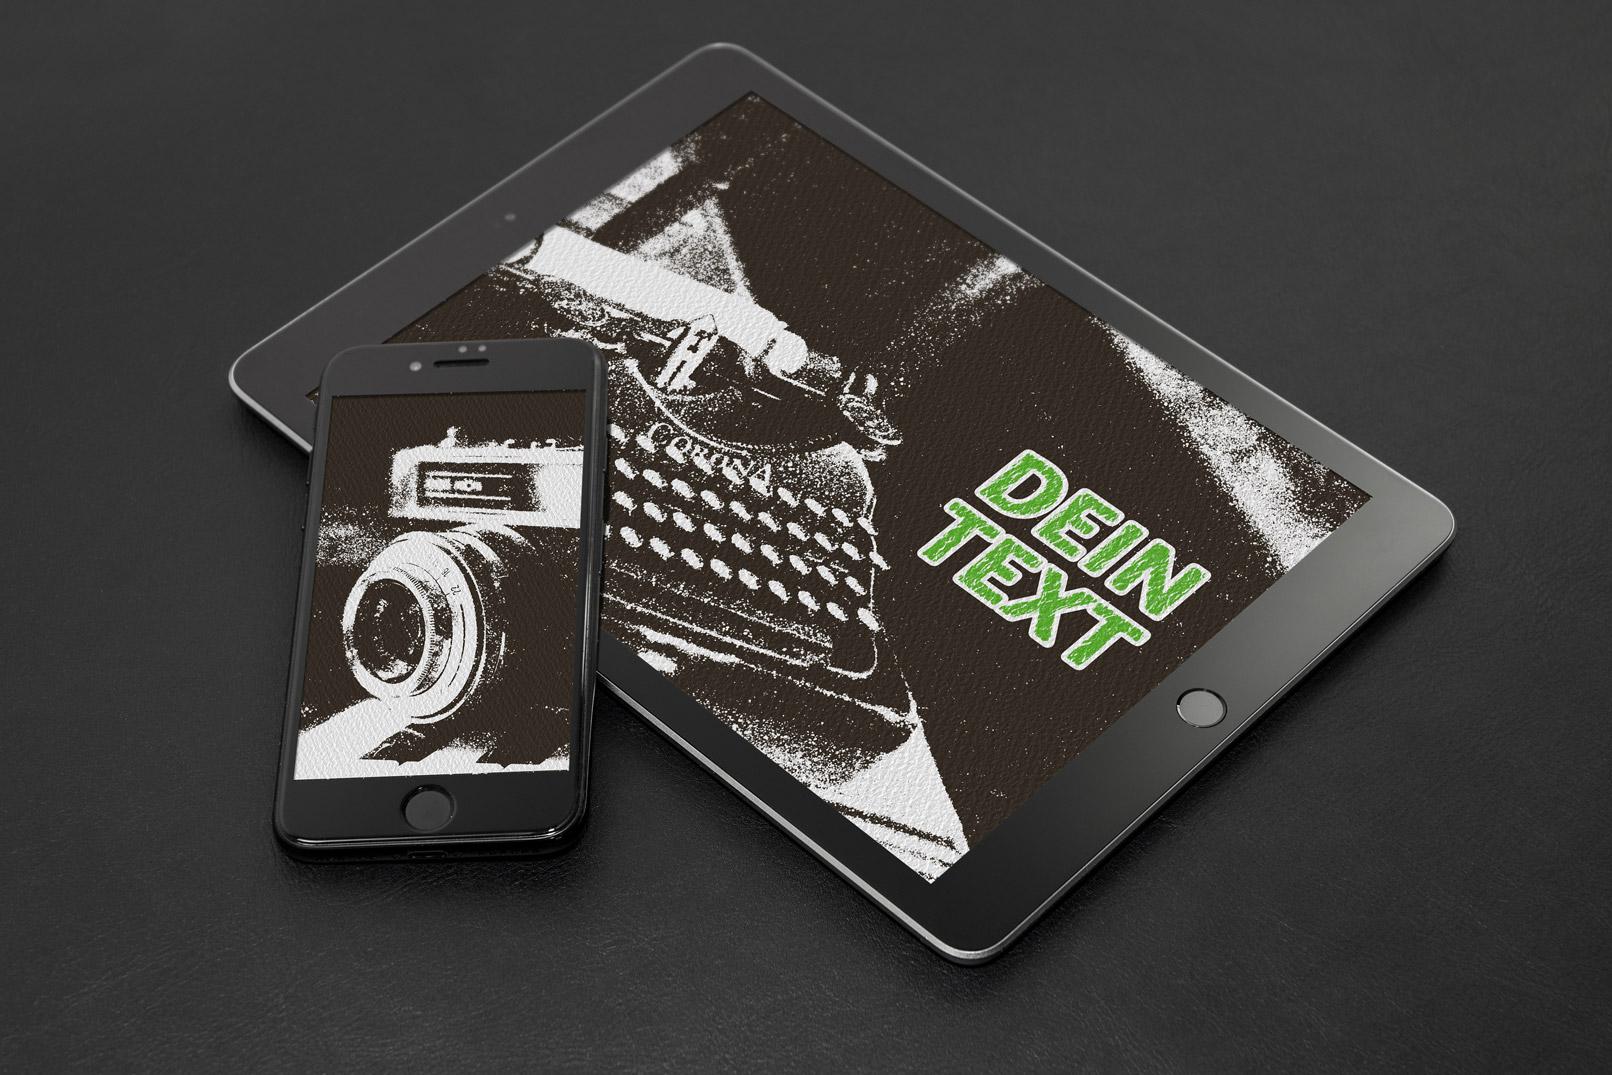 Grunge-Retro-Effekt für ein Bild mit Fotoapparat und ein Bild mit Schreibmaschine, gezeigt auf Tablet und Smartphone